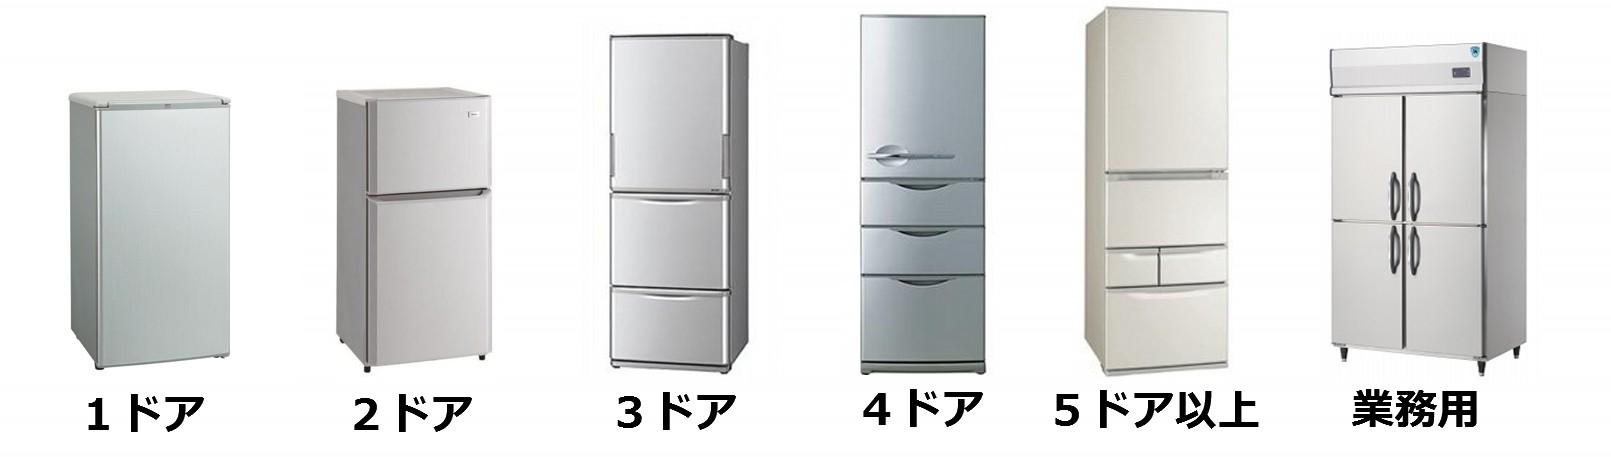 山武市で、冷蔵庫を処分するには?冷蔵庫の廃棄方法 引き取りと回収なら片付けセンターまで。